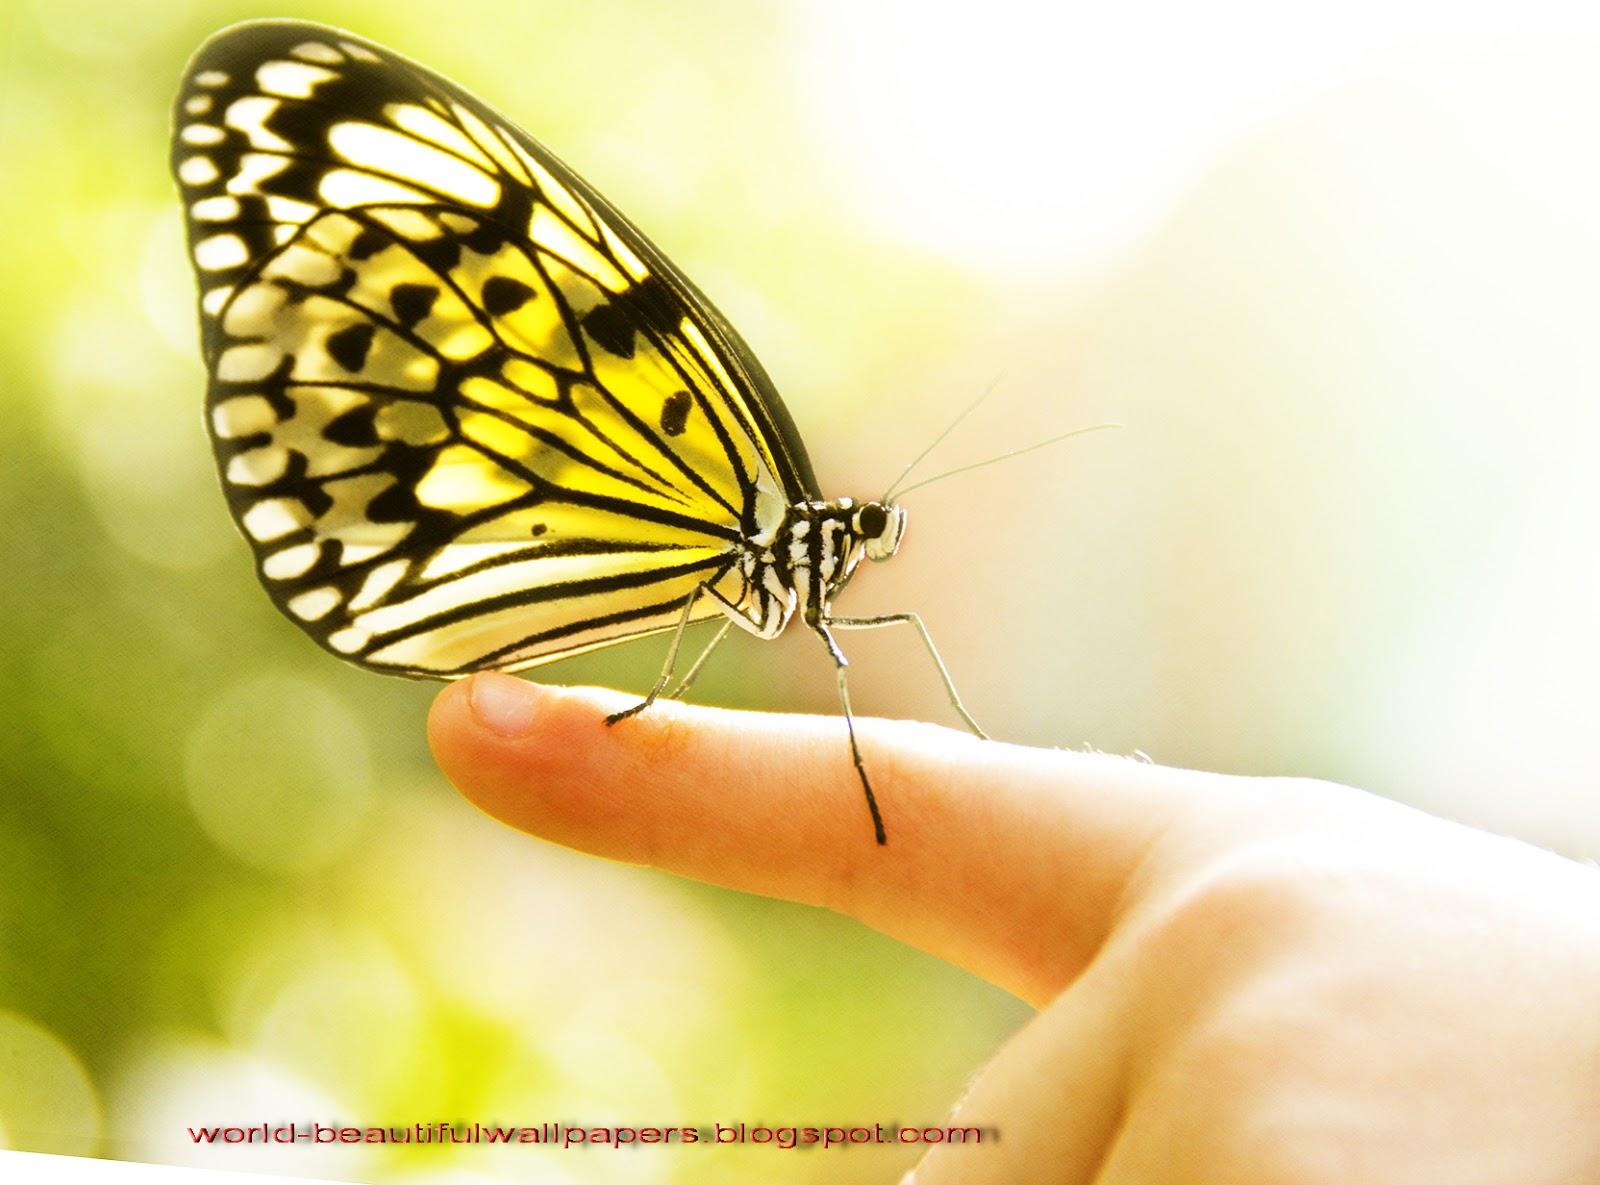 Beautiful Wallpapers Beautiful Butterflies Wallpaper 1600x1185